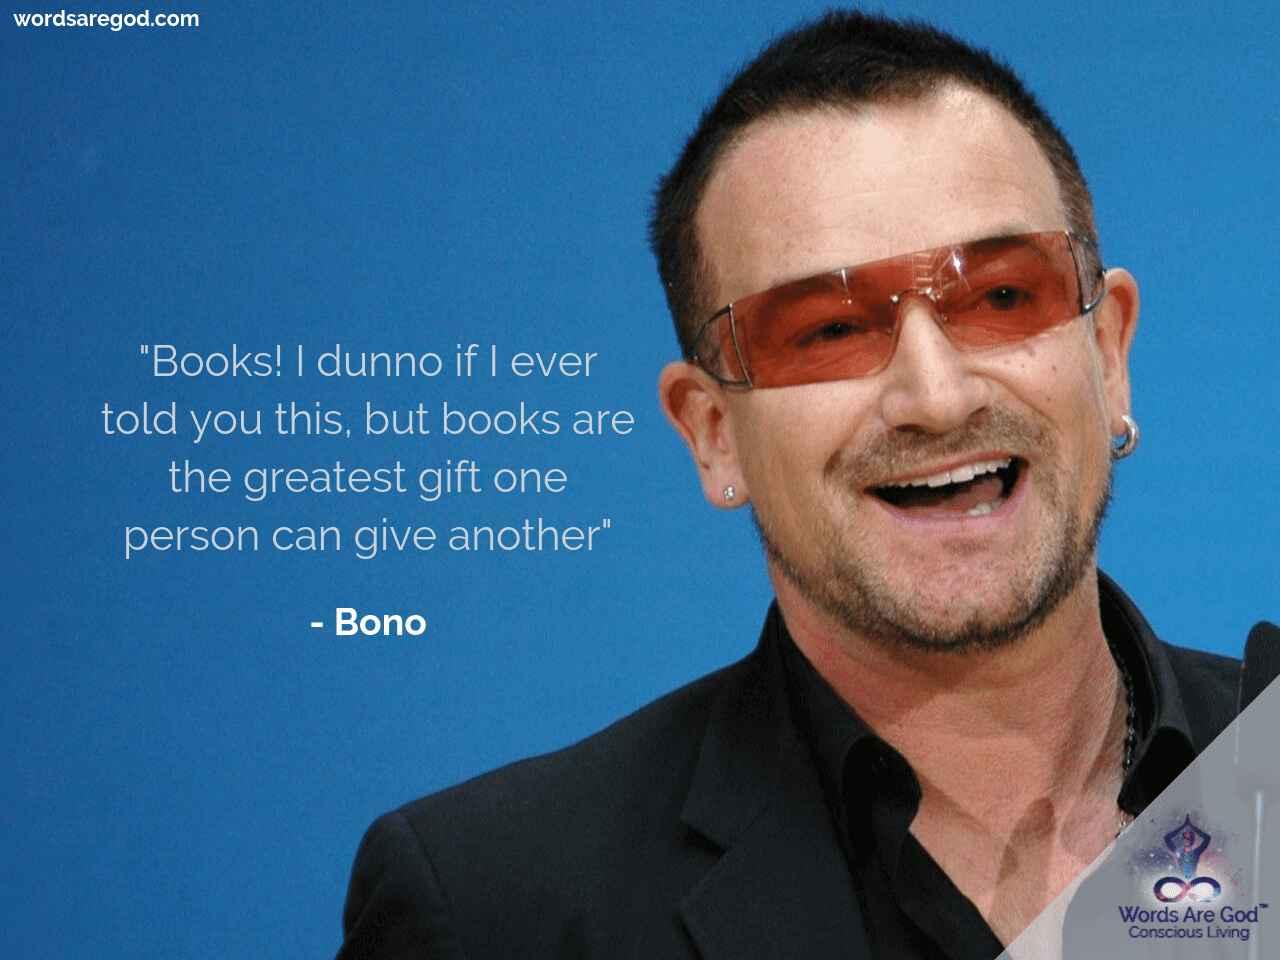 Bono Life quote by Bono